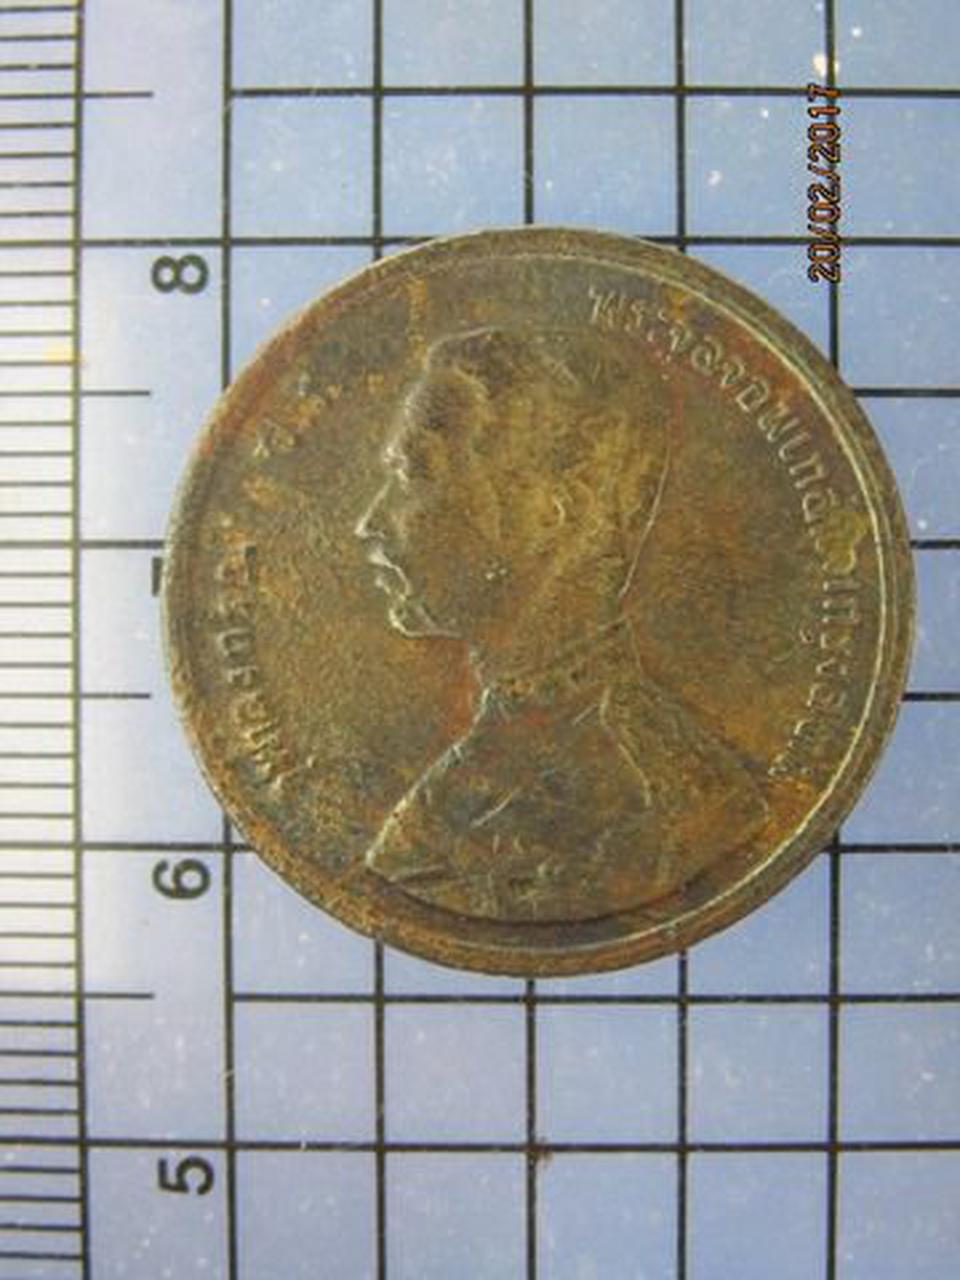 4273 เหรียญทองแดง 1อัฐ รศ.115 ตราพระสยามเทวาธิราช หัวไม่ตรงก รูปที่ 2